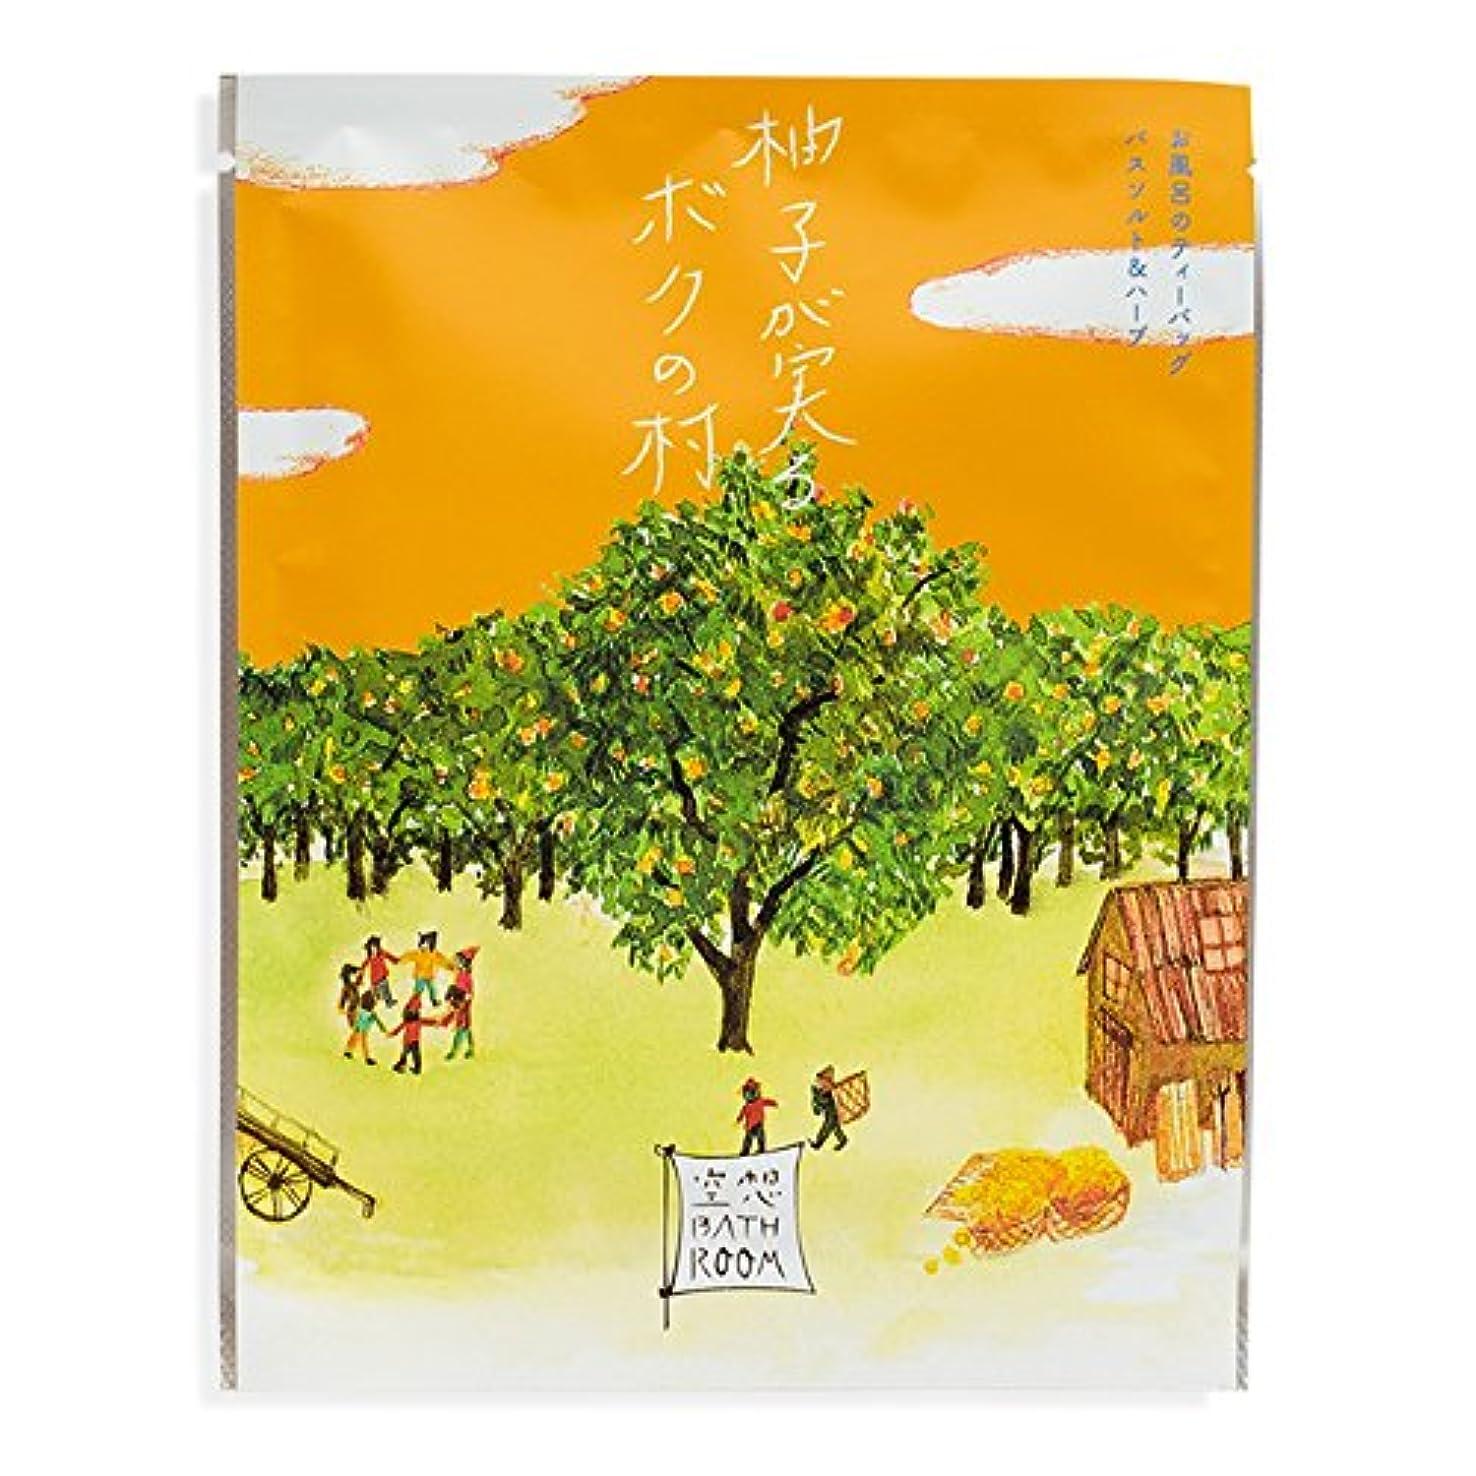 マインドフル細分化するインスタントチャーリー 空想バスルーム 柚子が実るボクの村 30g